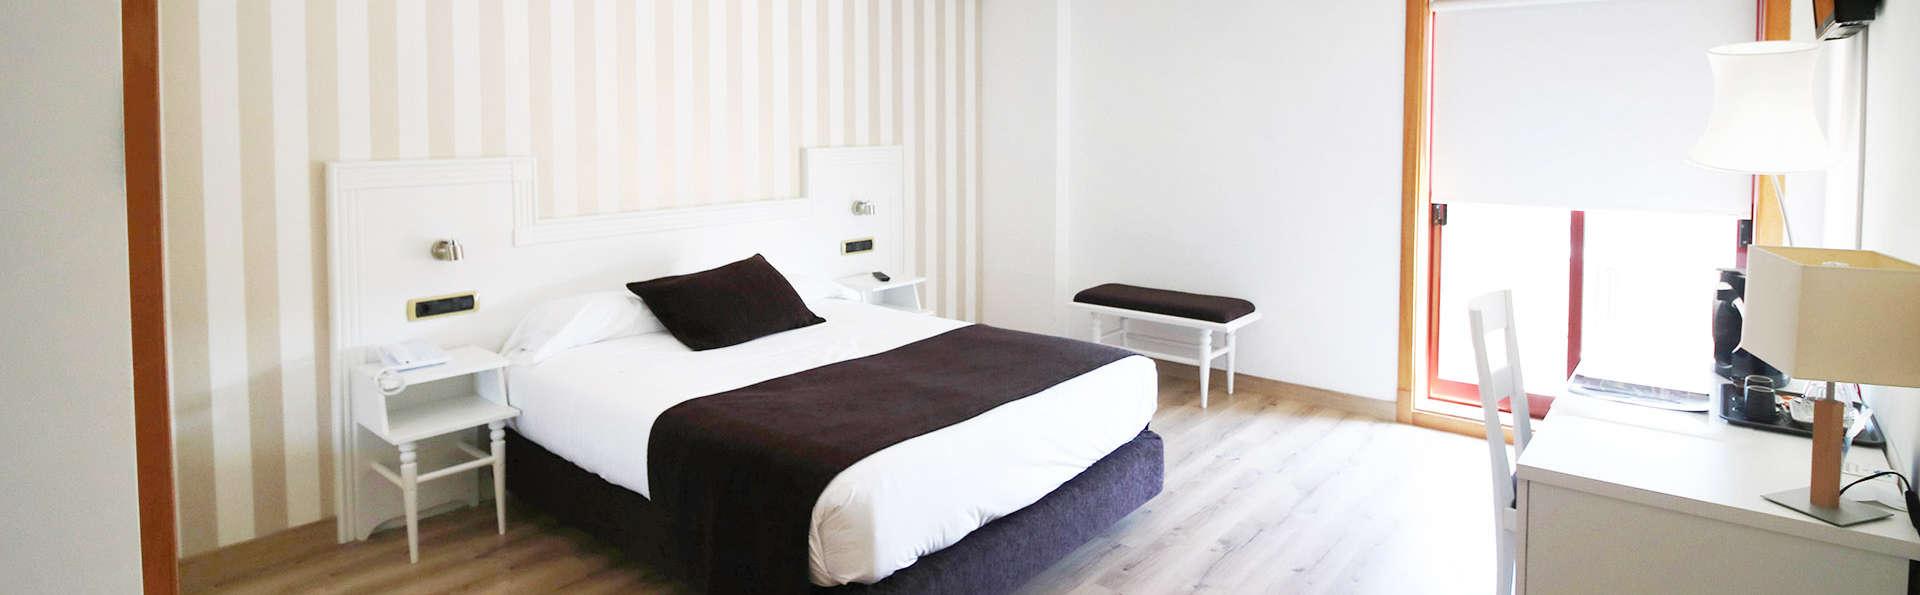 Romanticismo en Junior Suite con jacuzzi en la habitación en Tui